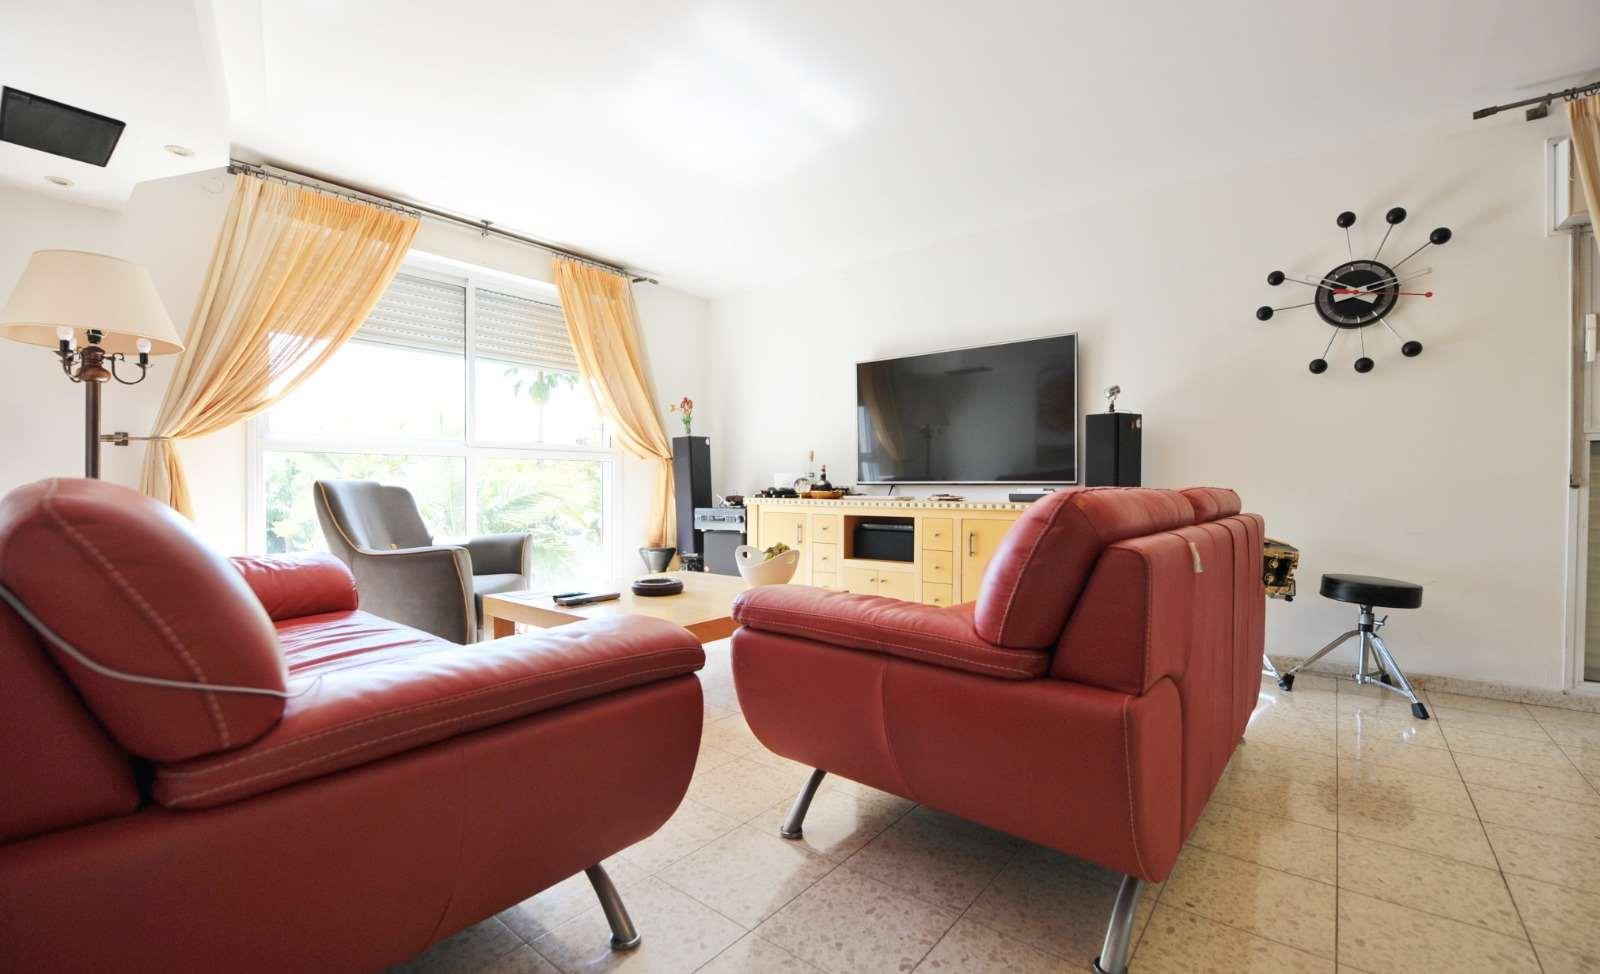 דירה למכירה 4.5 חדרים ביהוד מונוסון קרית הסביונים שדרות מנחם בגין